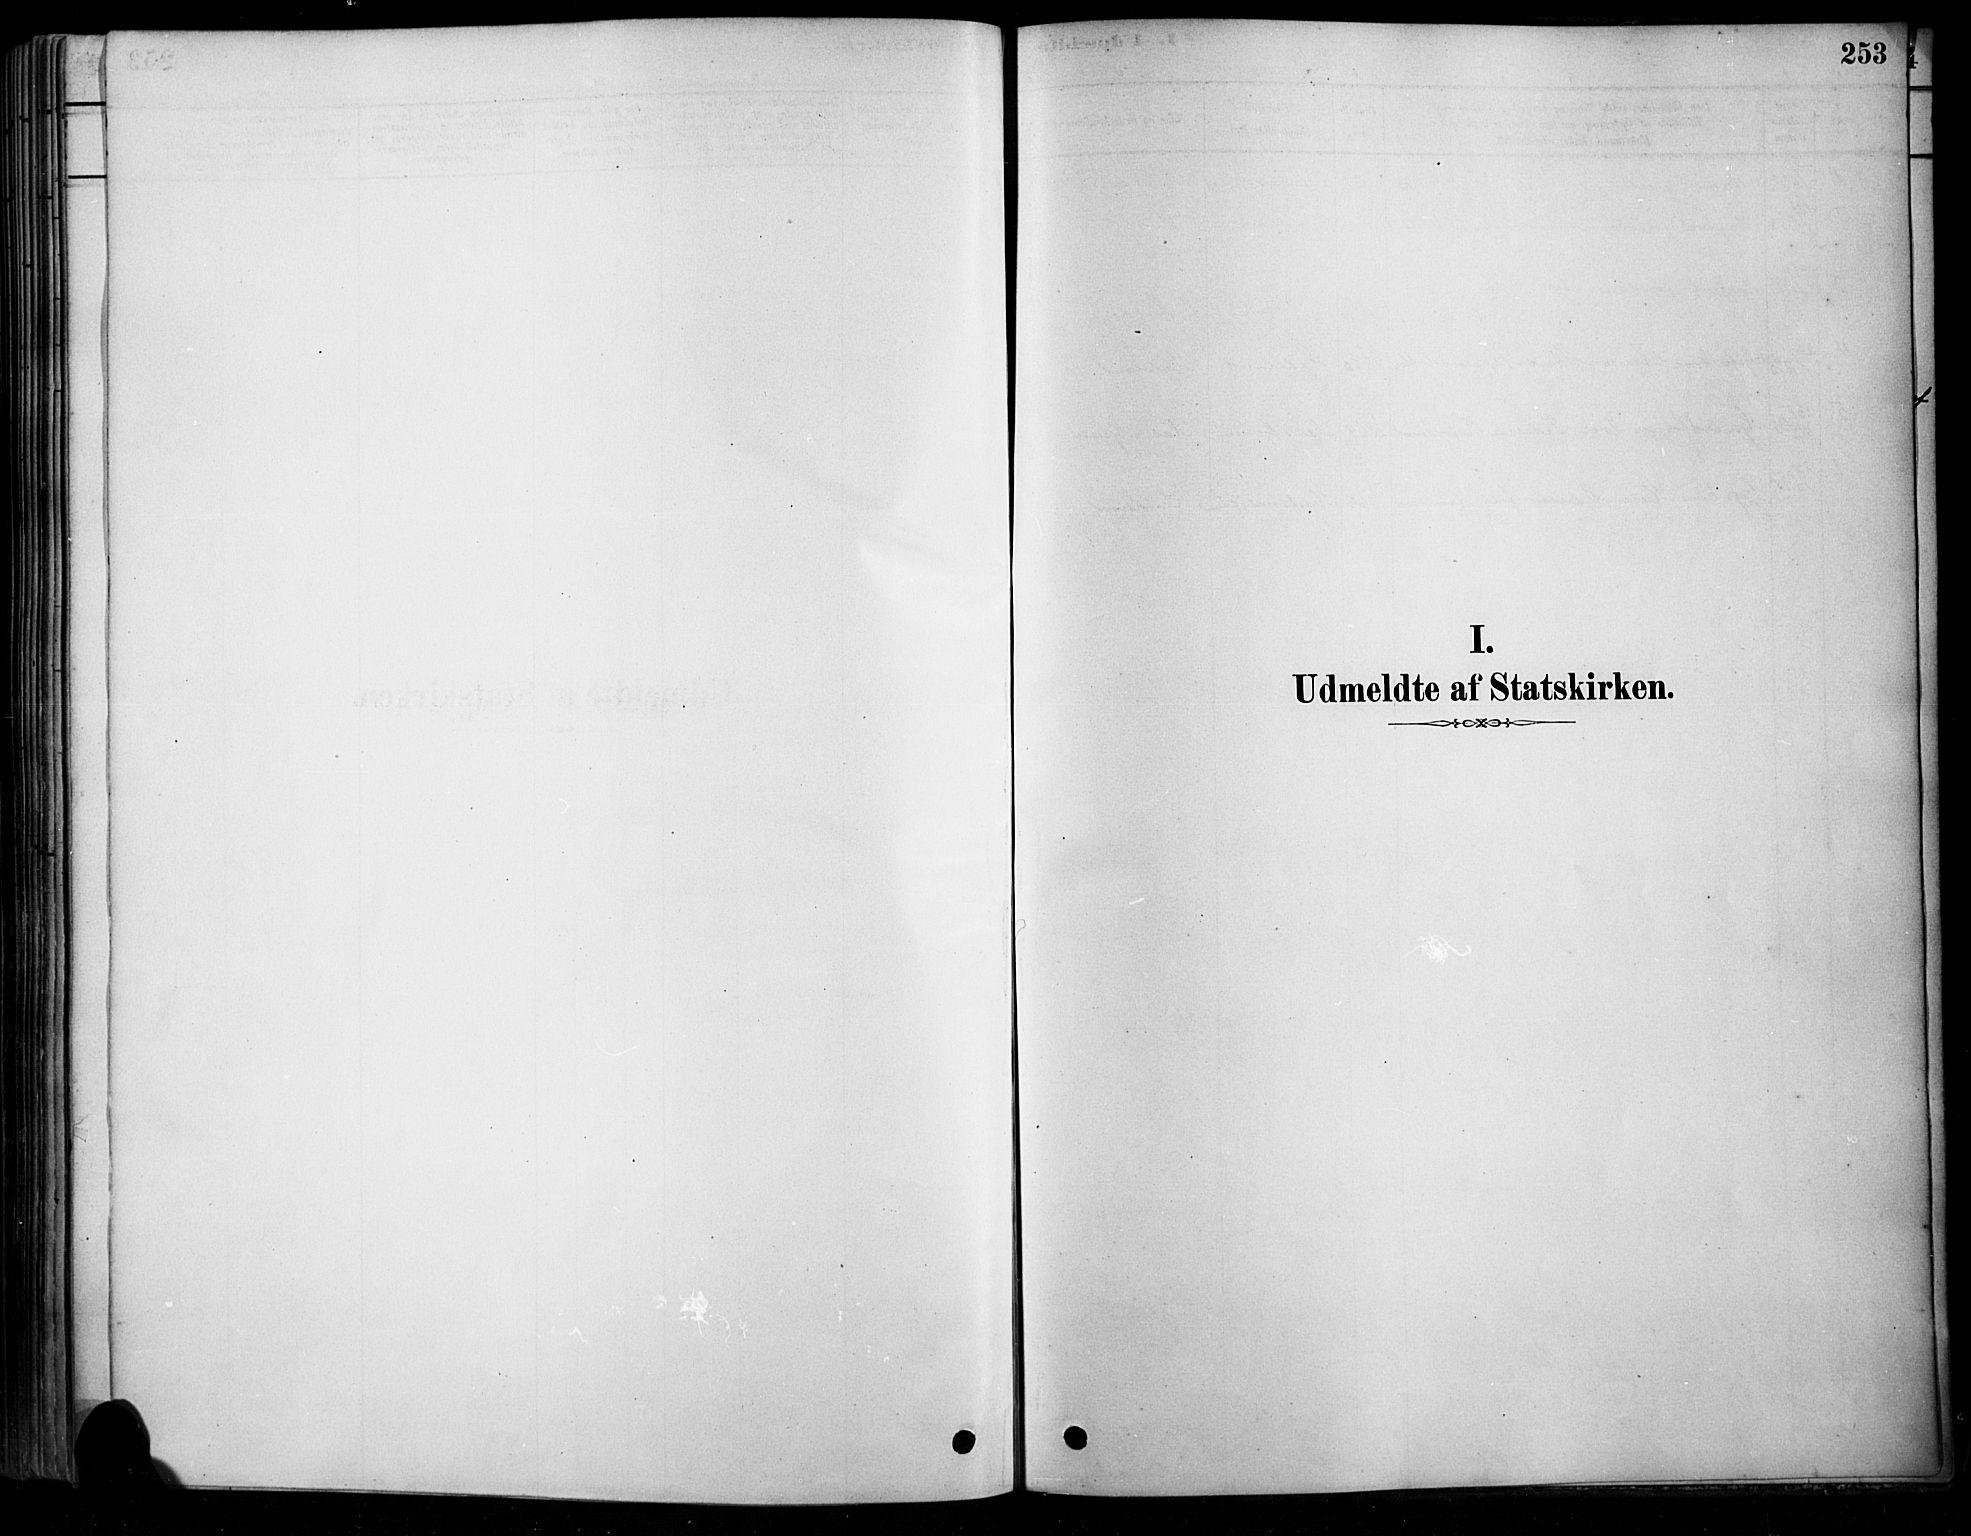 SAH, Søndre Land prestekontor, K/L0003: Ministerialbok nr. 3, 1878-1894, s. 253